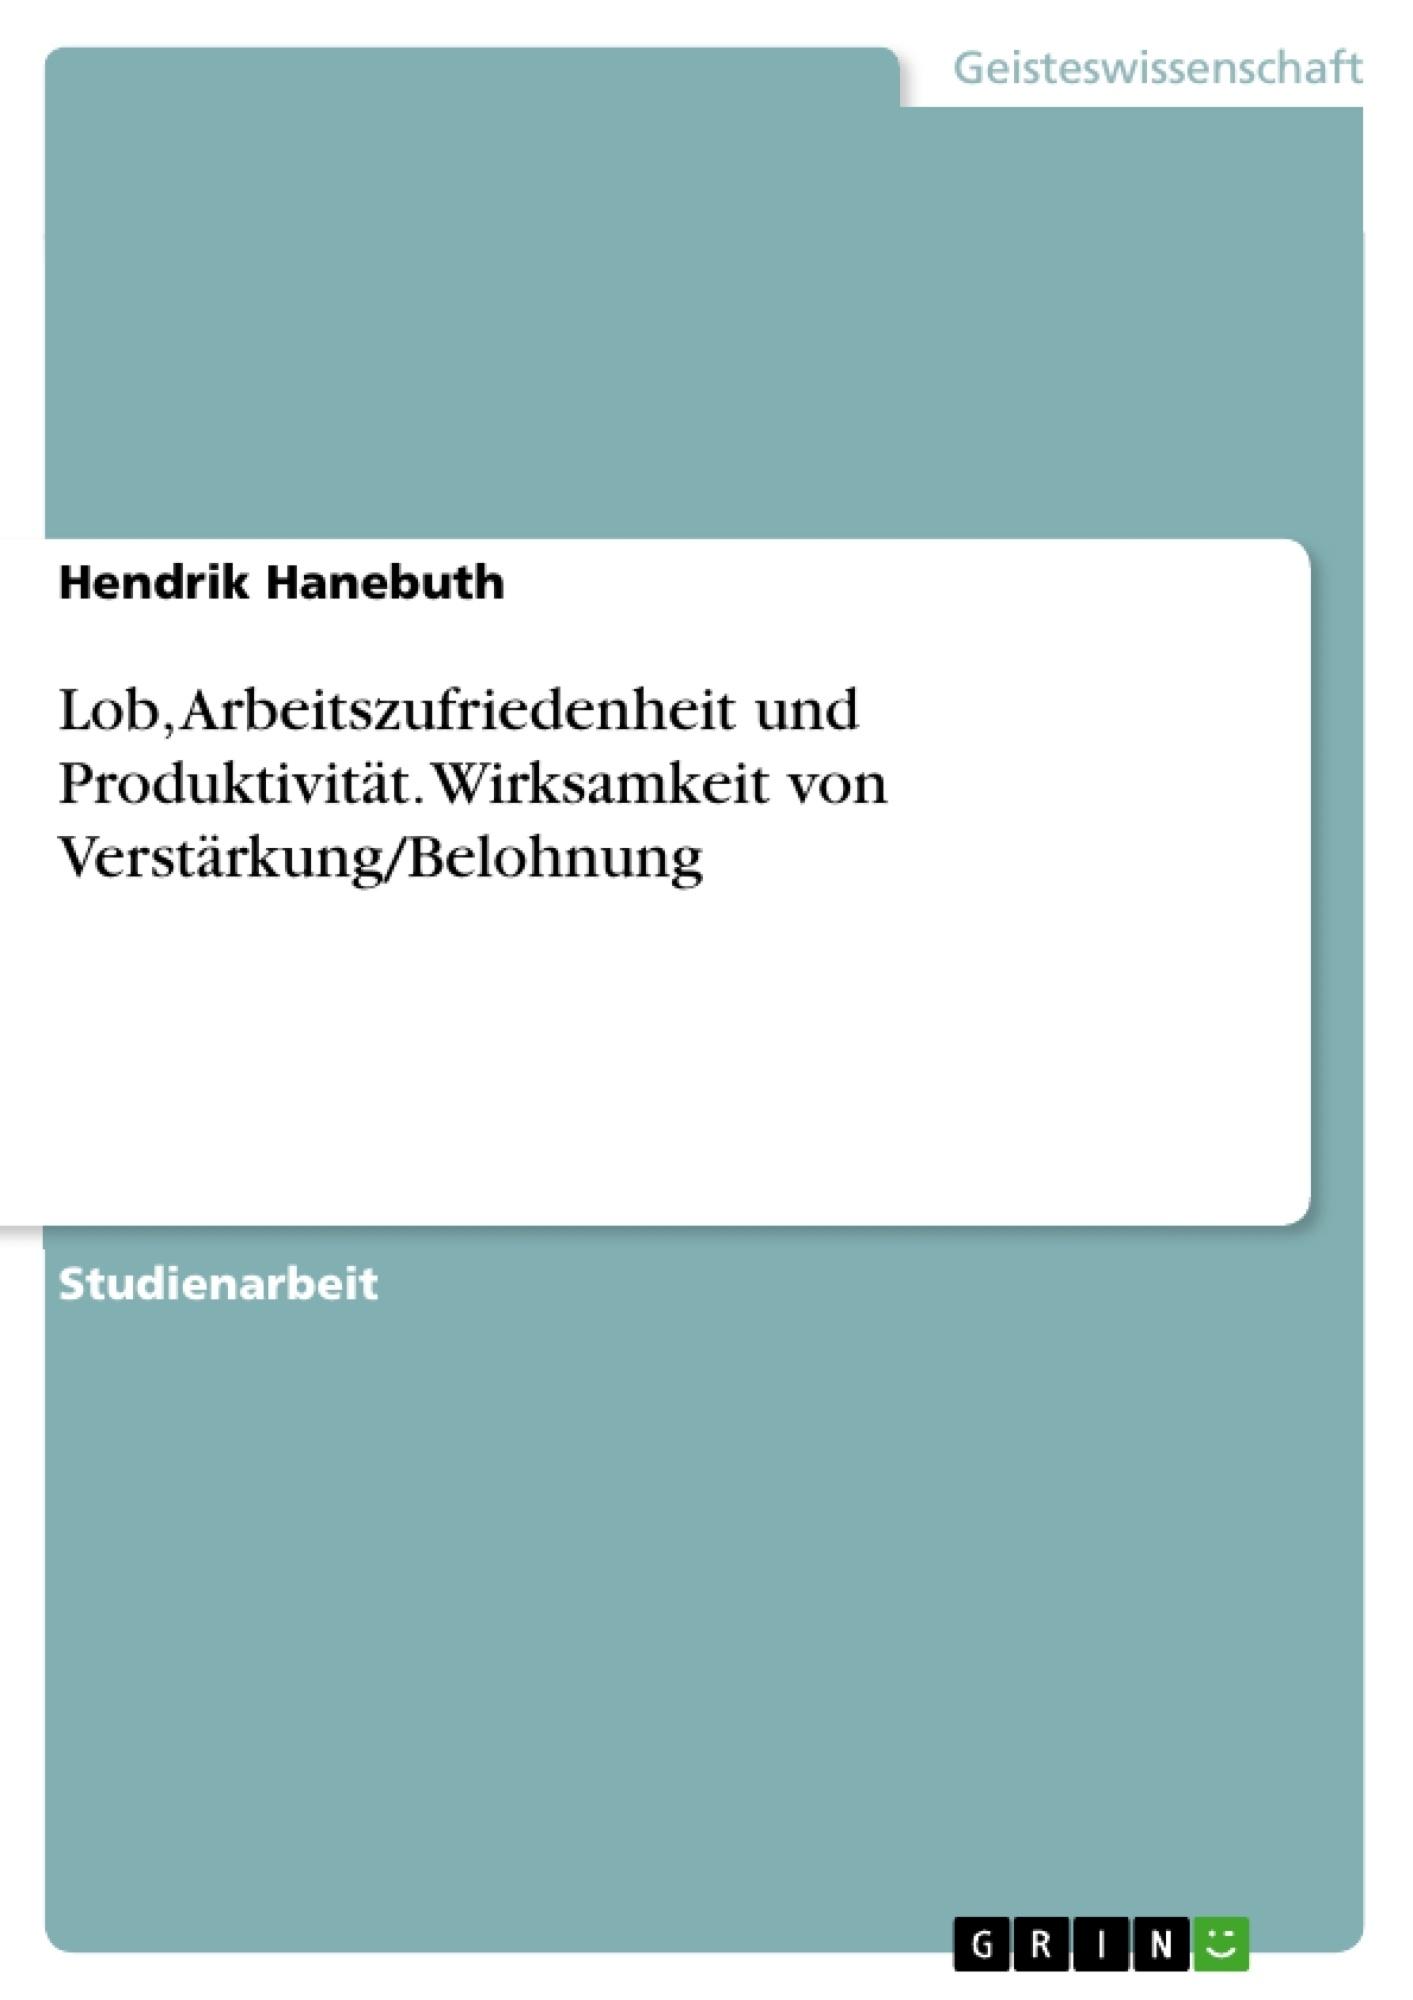 Titel: Lob, Arbeitszufriedenheit und Produktivität. Wirksamkeit von Verstärkung/Belohnung